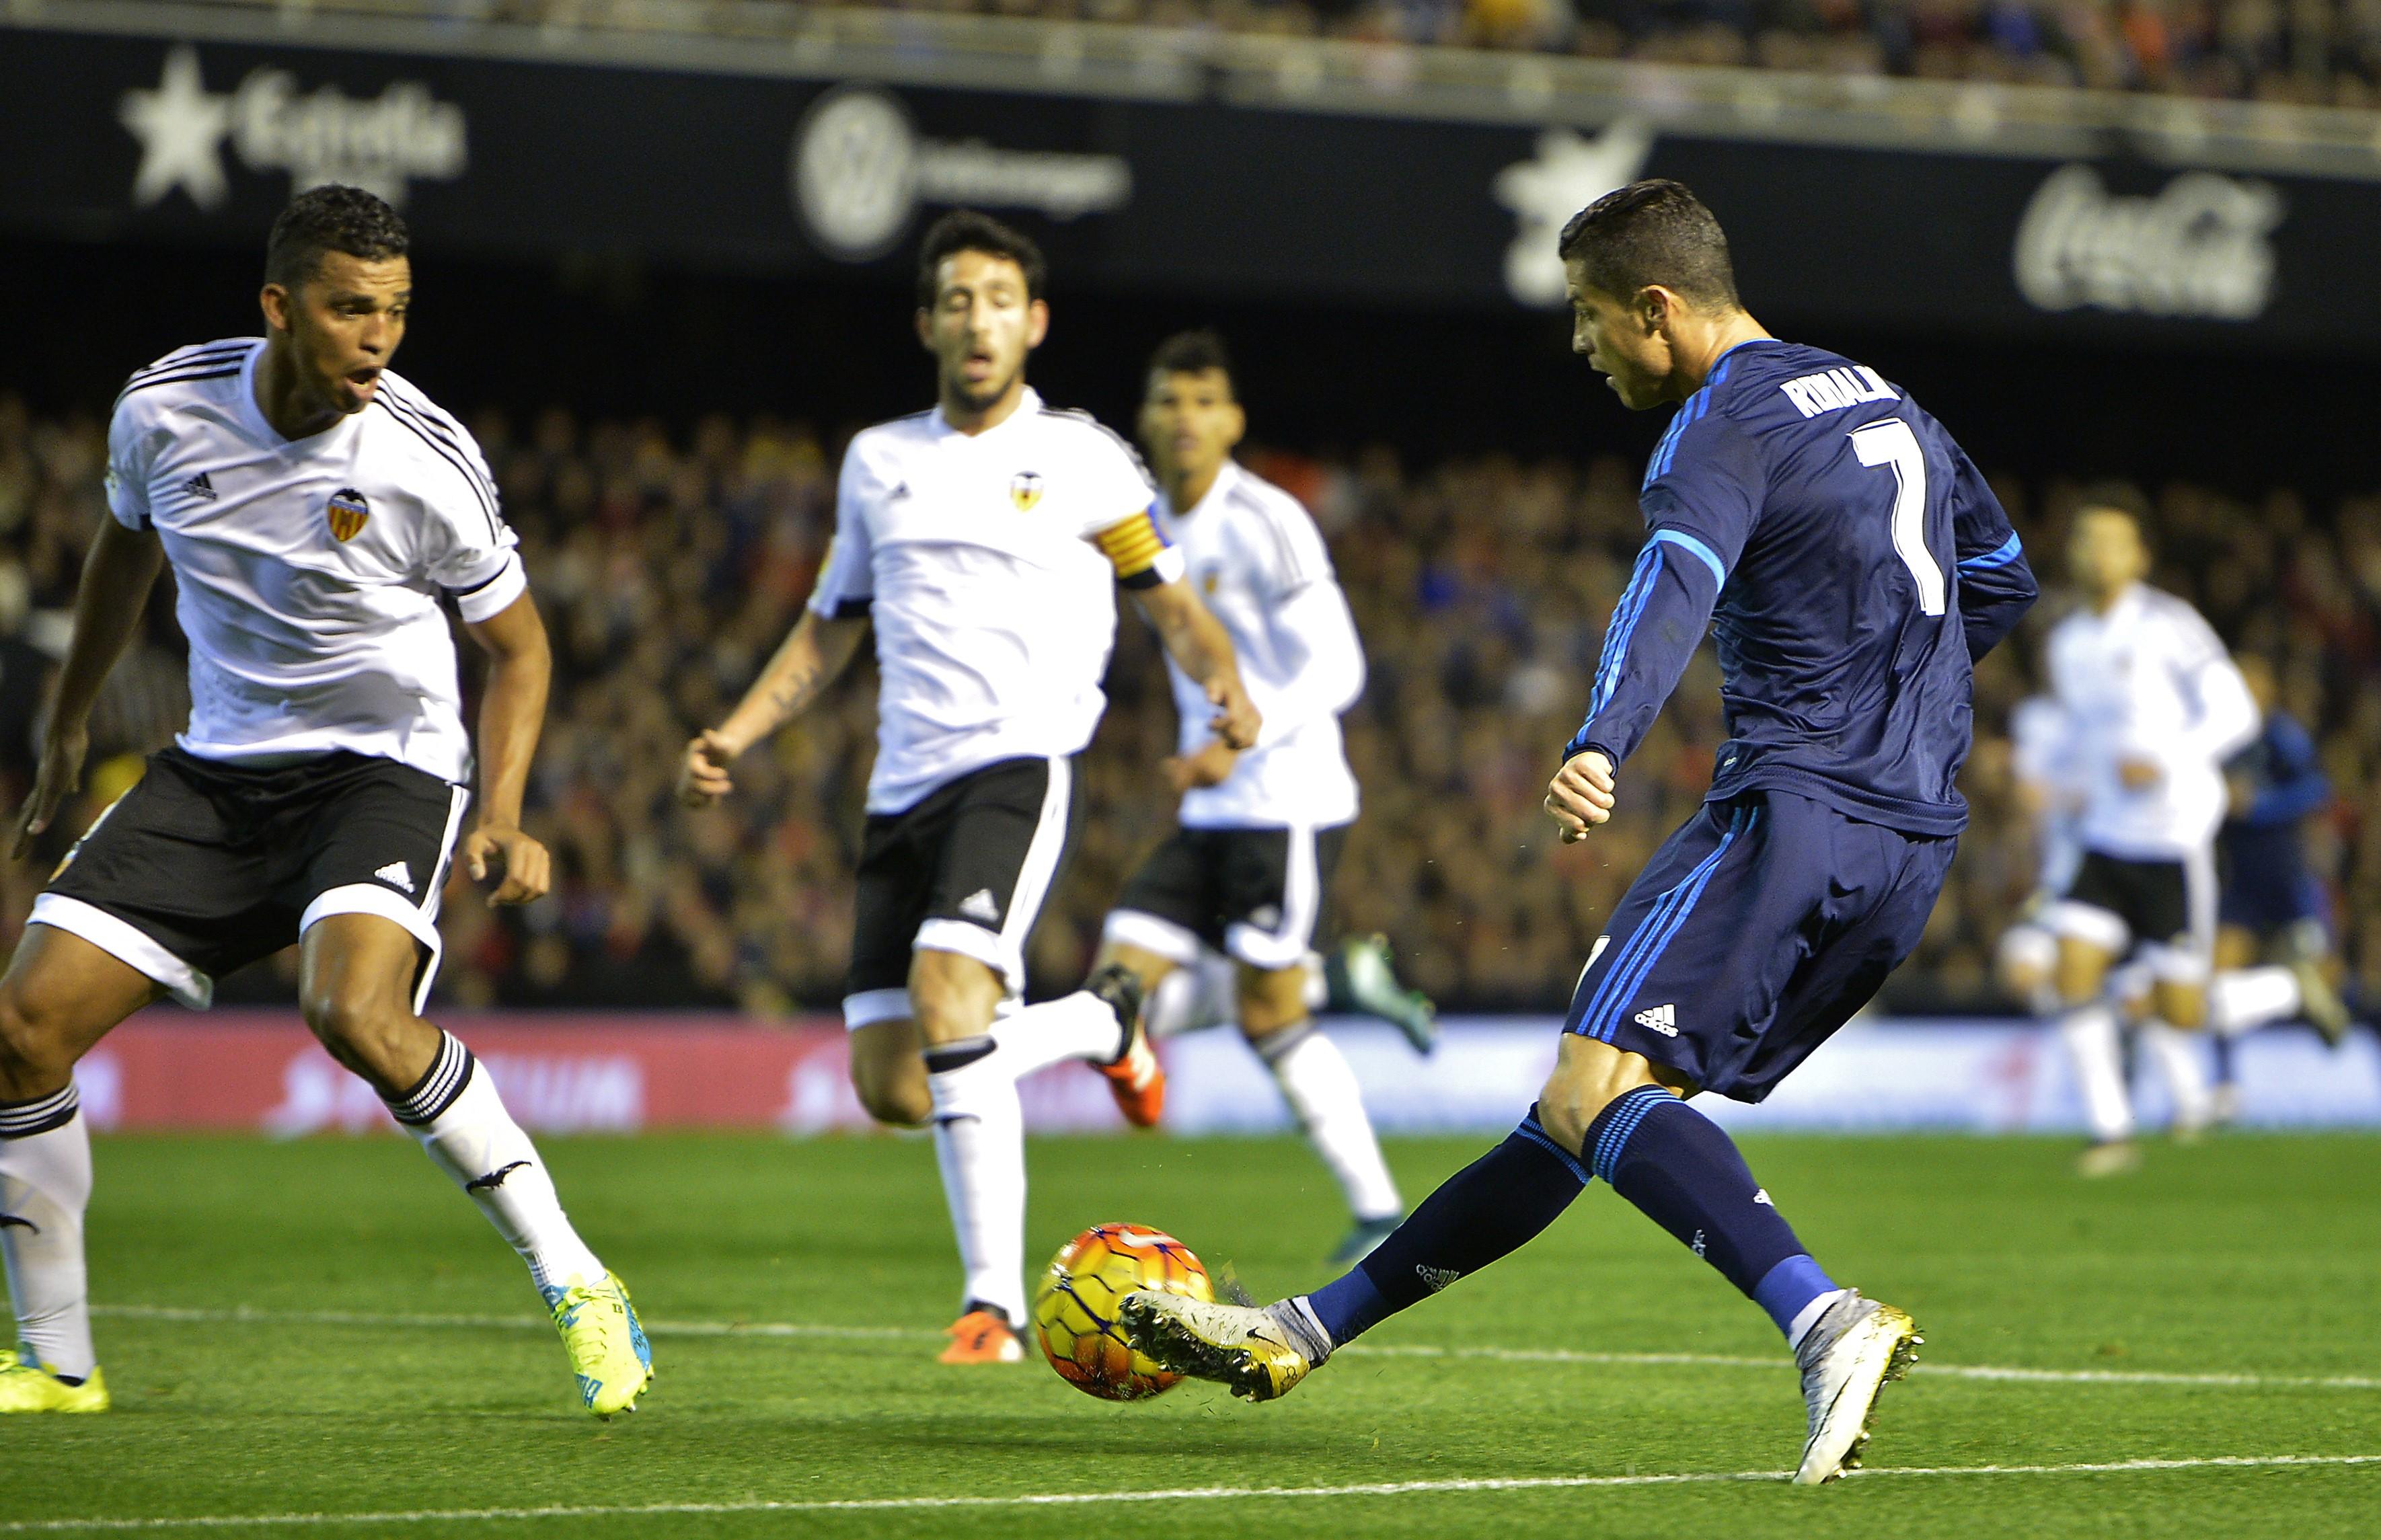 Криштиану Роналду в матче «Реал» – «Валенсия»